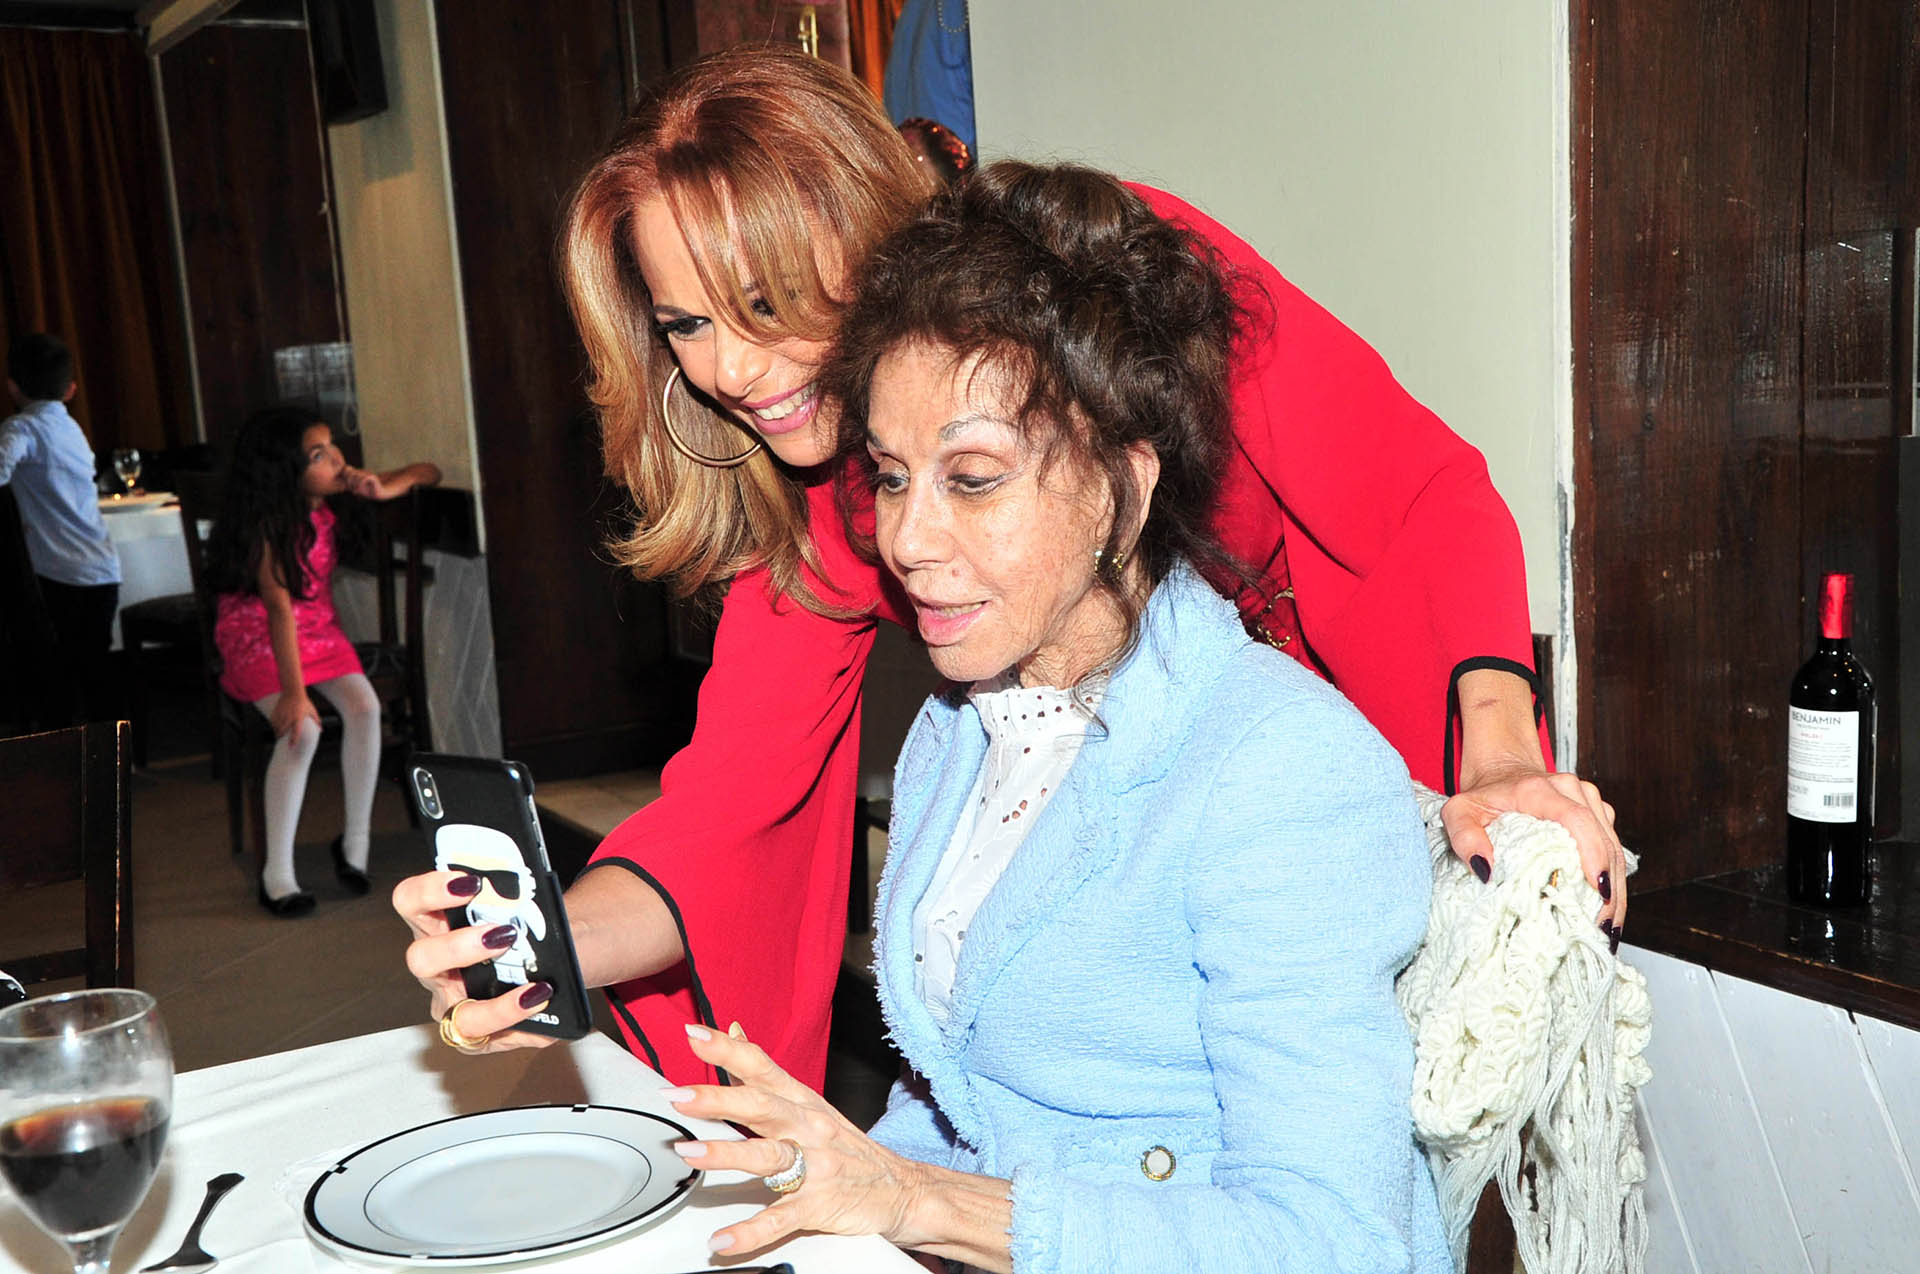 Iliana Calabróríe mientras le muestra algo en el celular a su madre, Coca